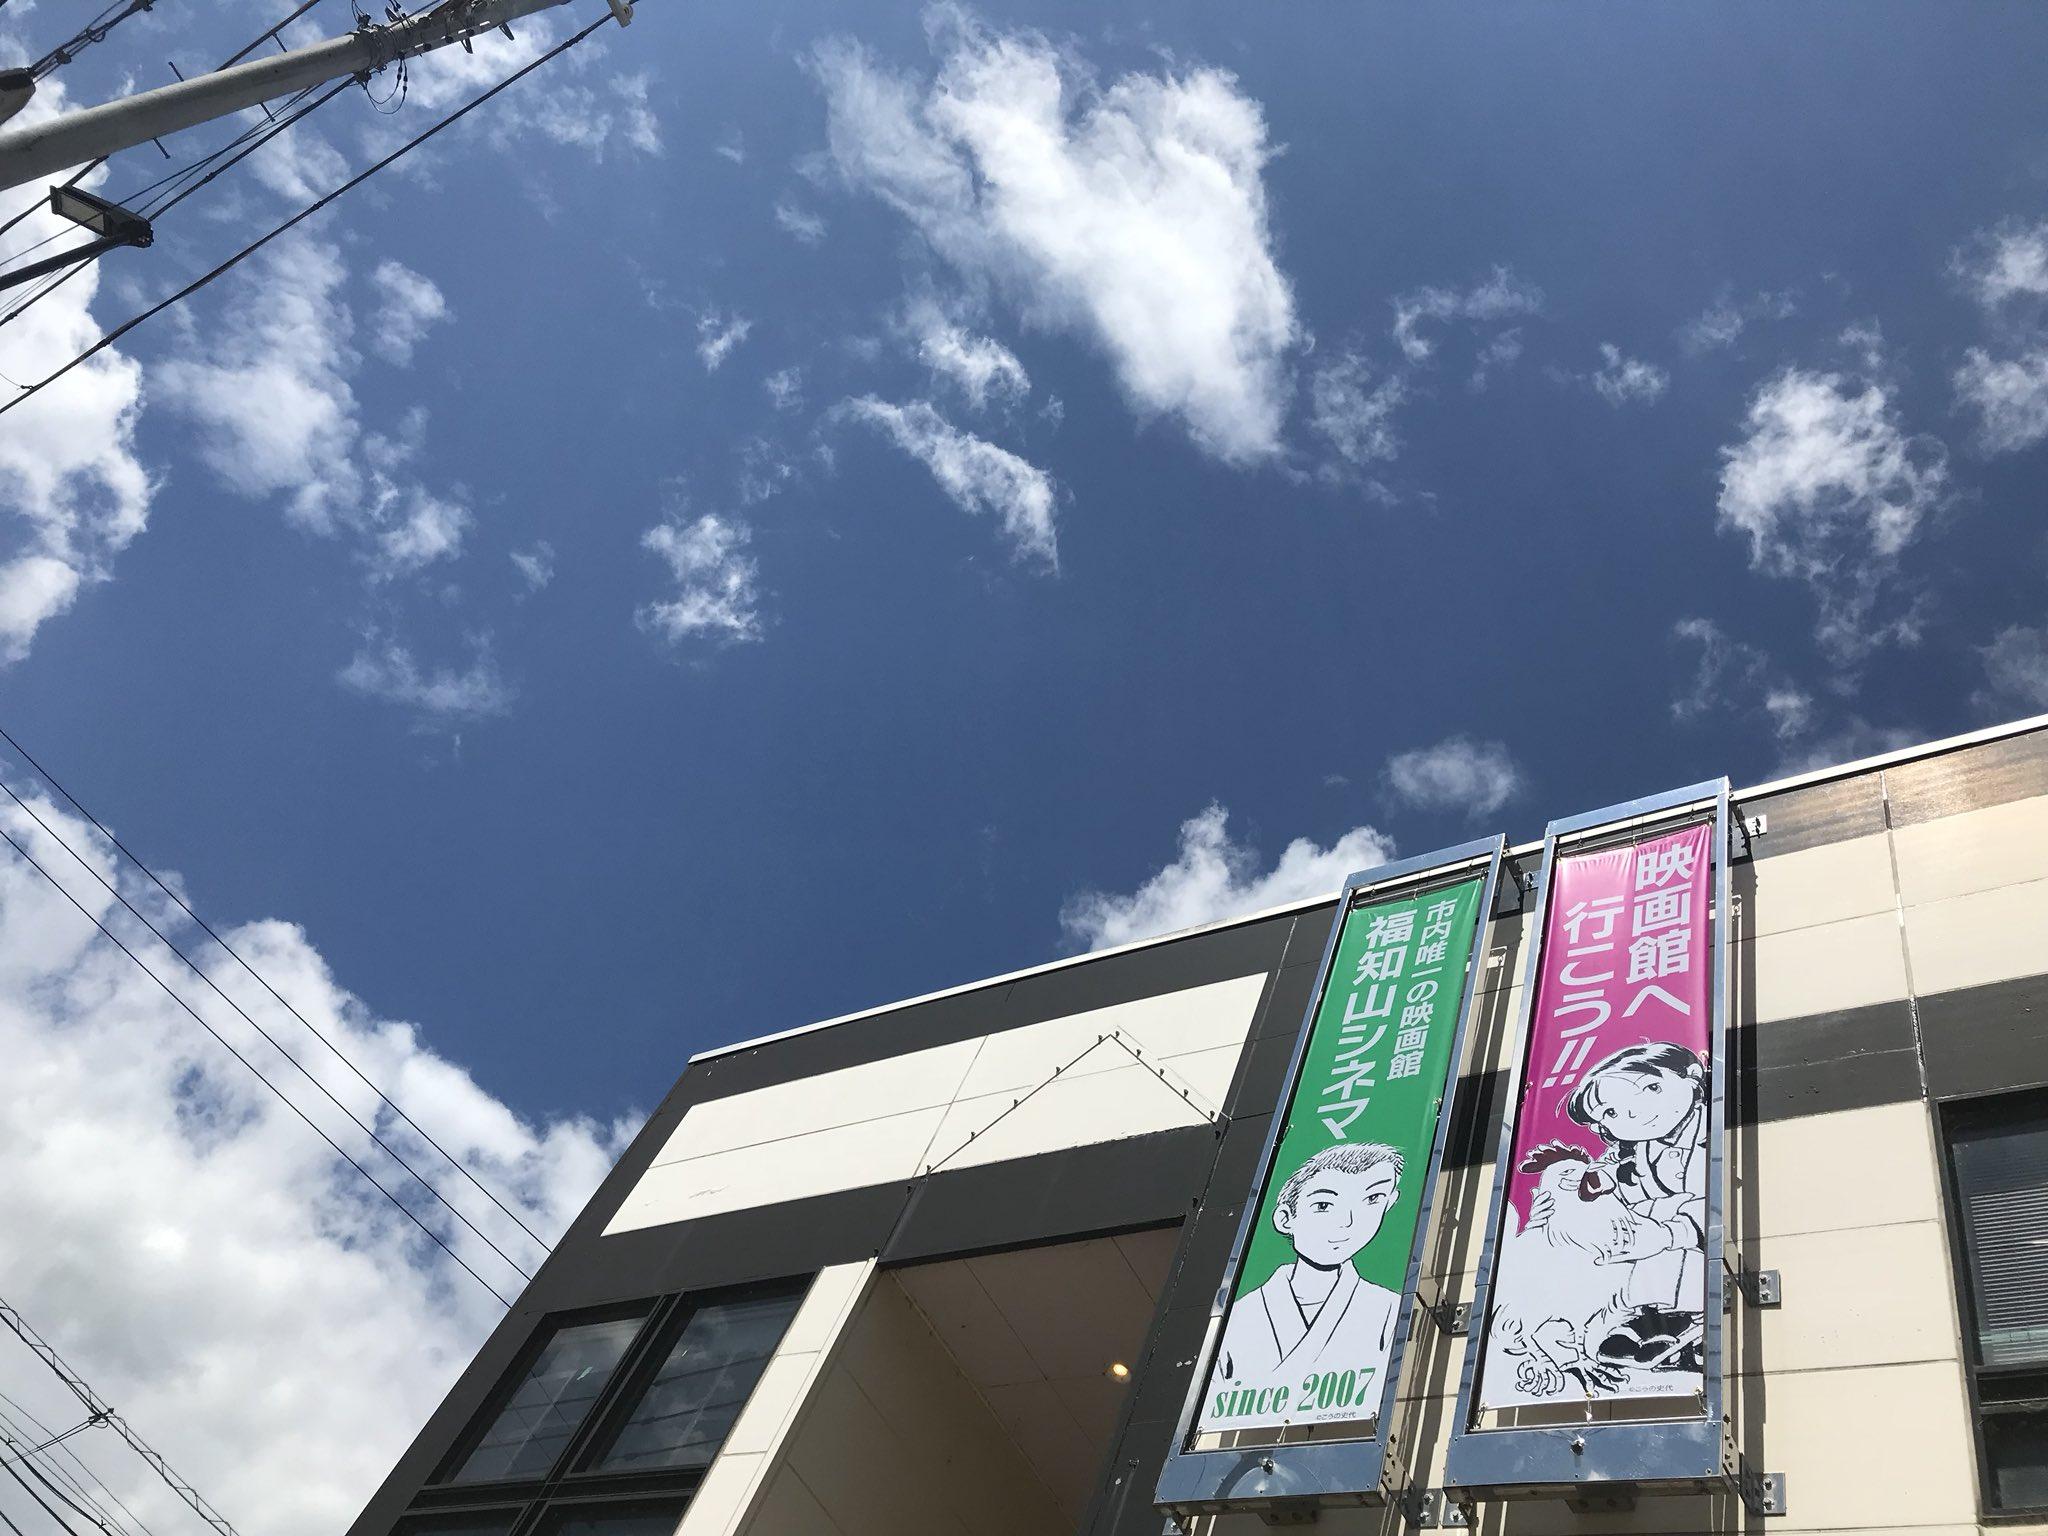 福知山シネマ On Twitter 懸垂幕が新しくなりました 劇場前に来ると いつでも すずさん と 周作さん に会える 映画館 へ行こう 福知山シネマ 福知山 こうの史代 さん この世界に片隅に